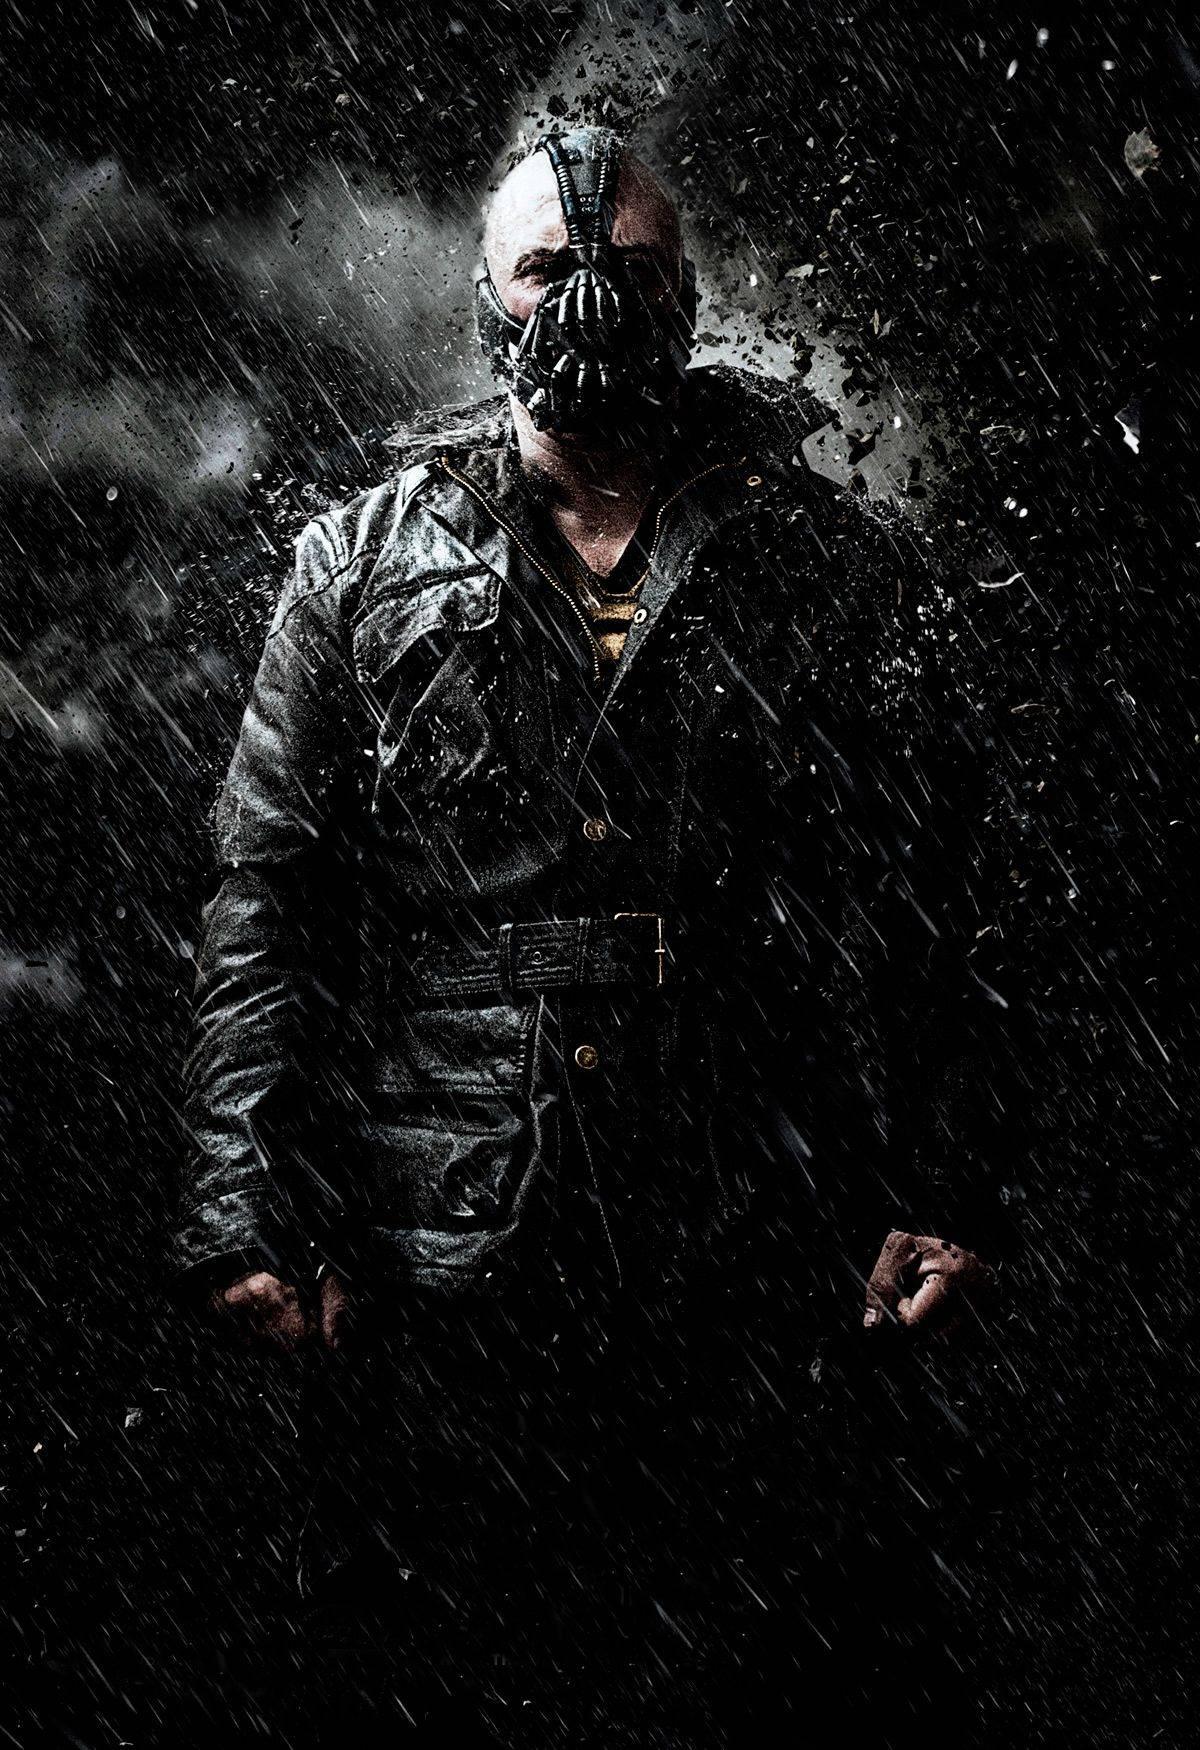 смотреть фильм онлайн бэтмен возрождение легенды